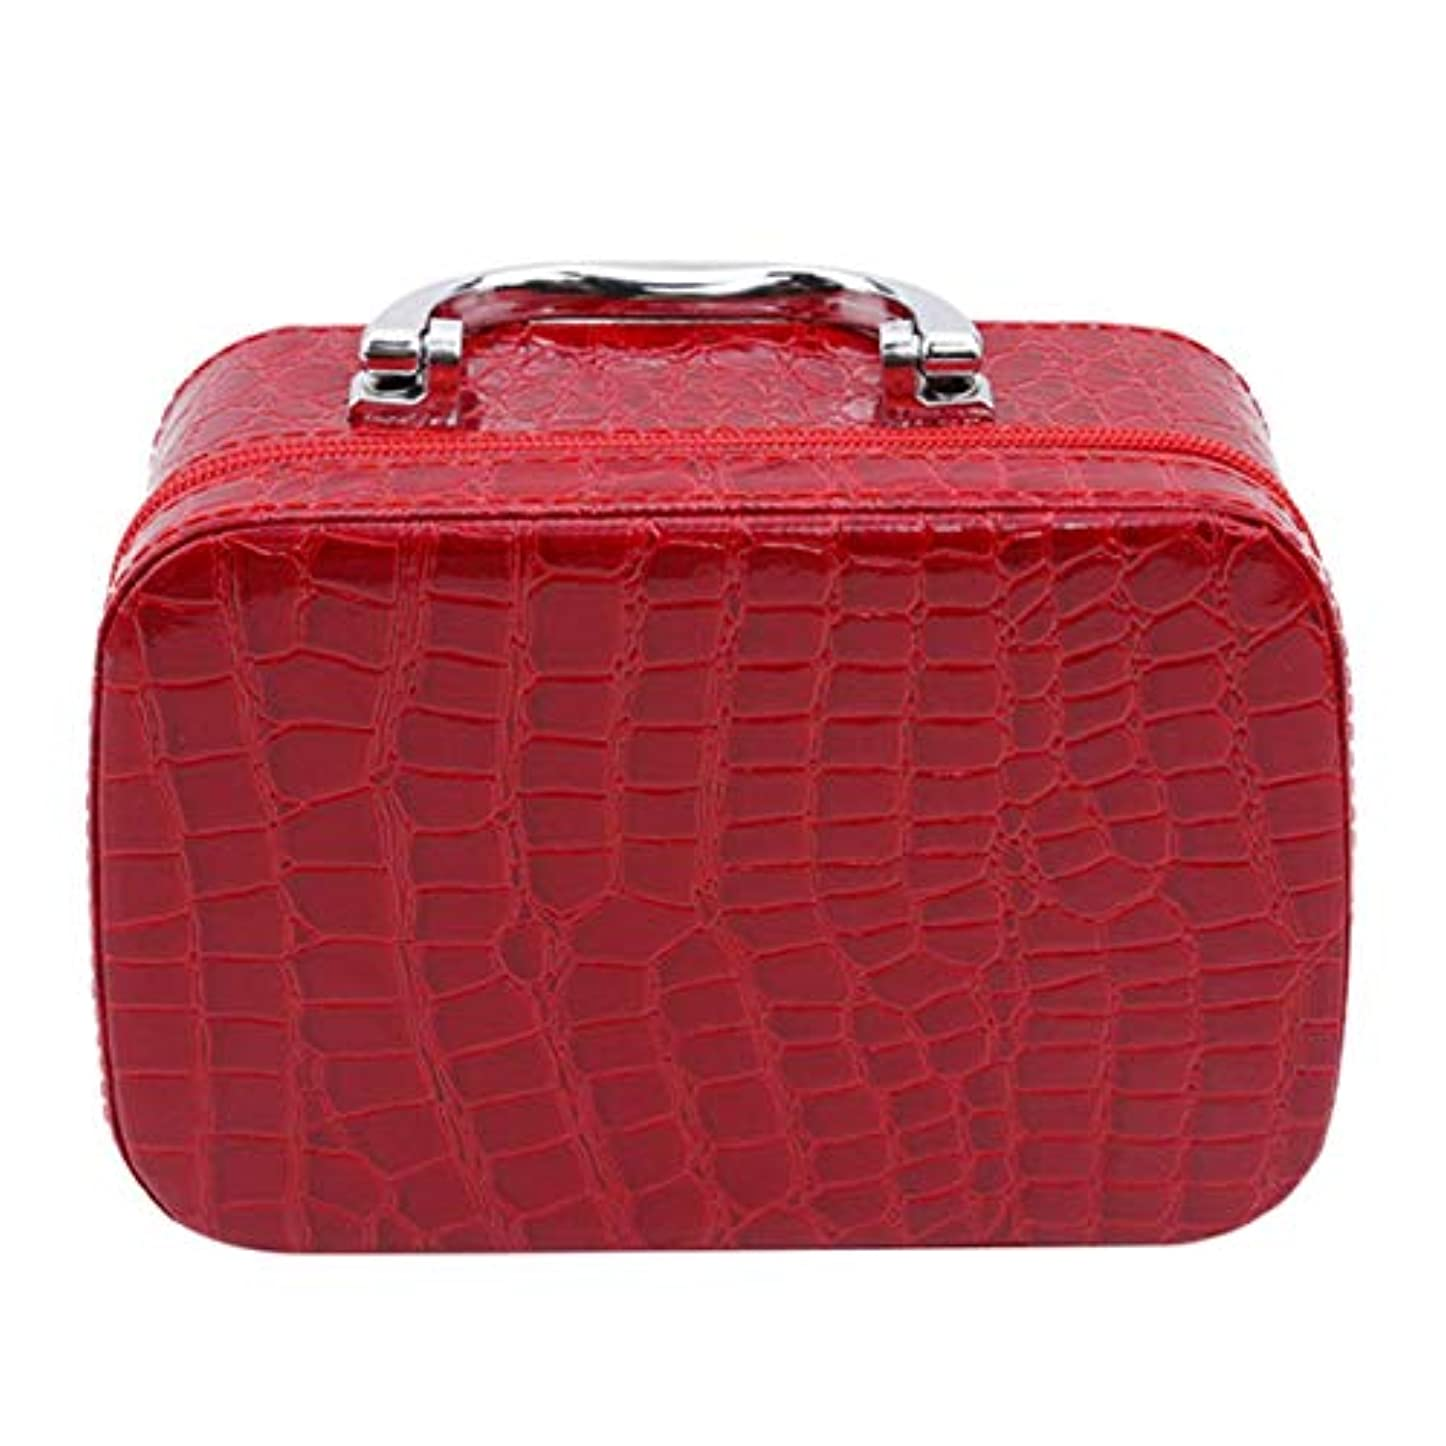 付属品歩道インタラクション1st market ミラーが付いている優れた旅行携帯用化粧品袋のオルガナイザーの女性の化粧品の箱